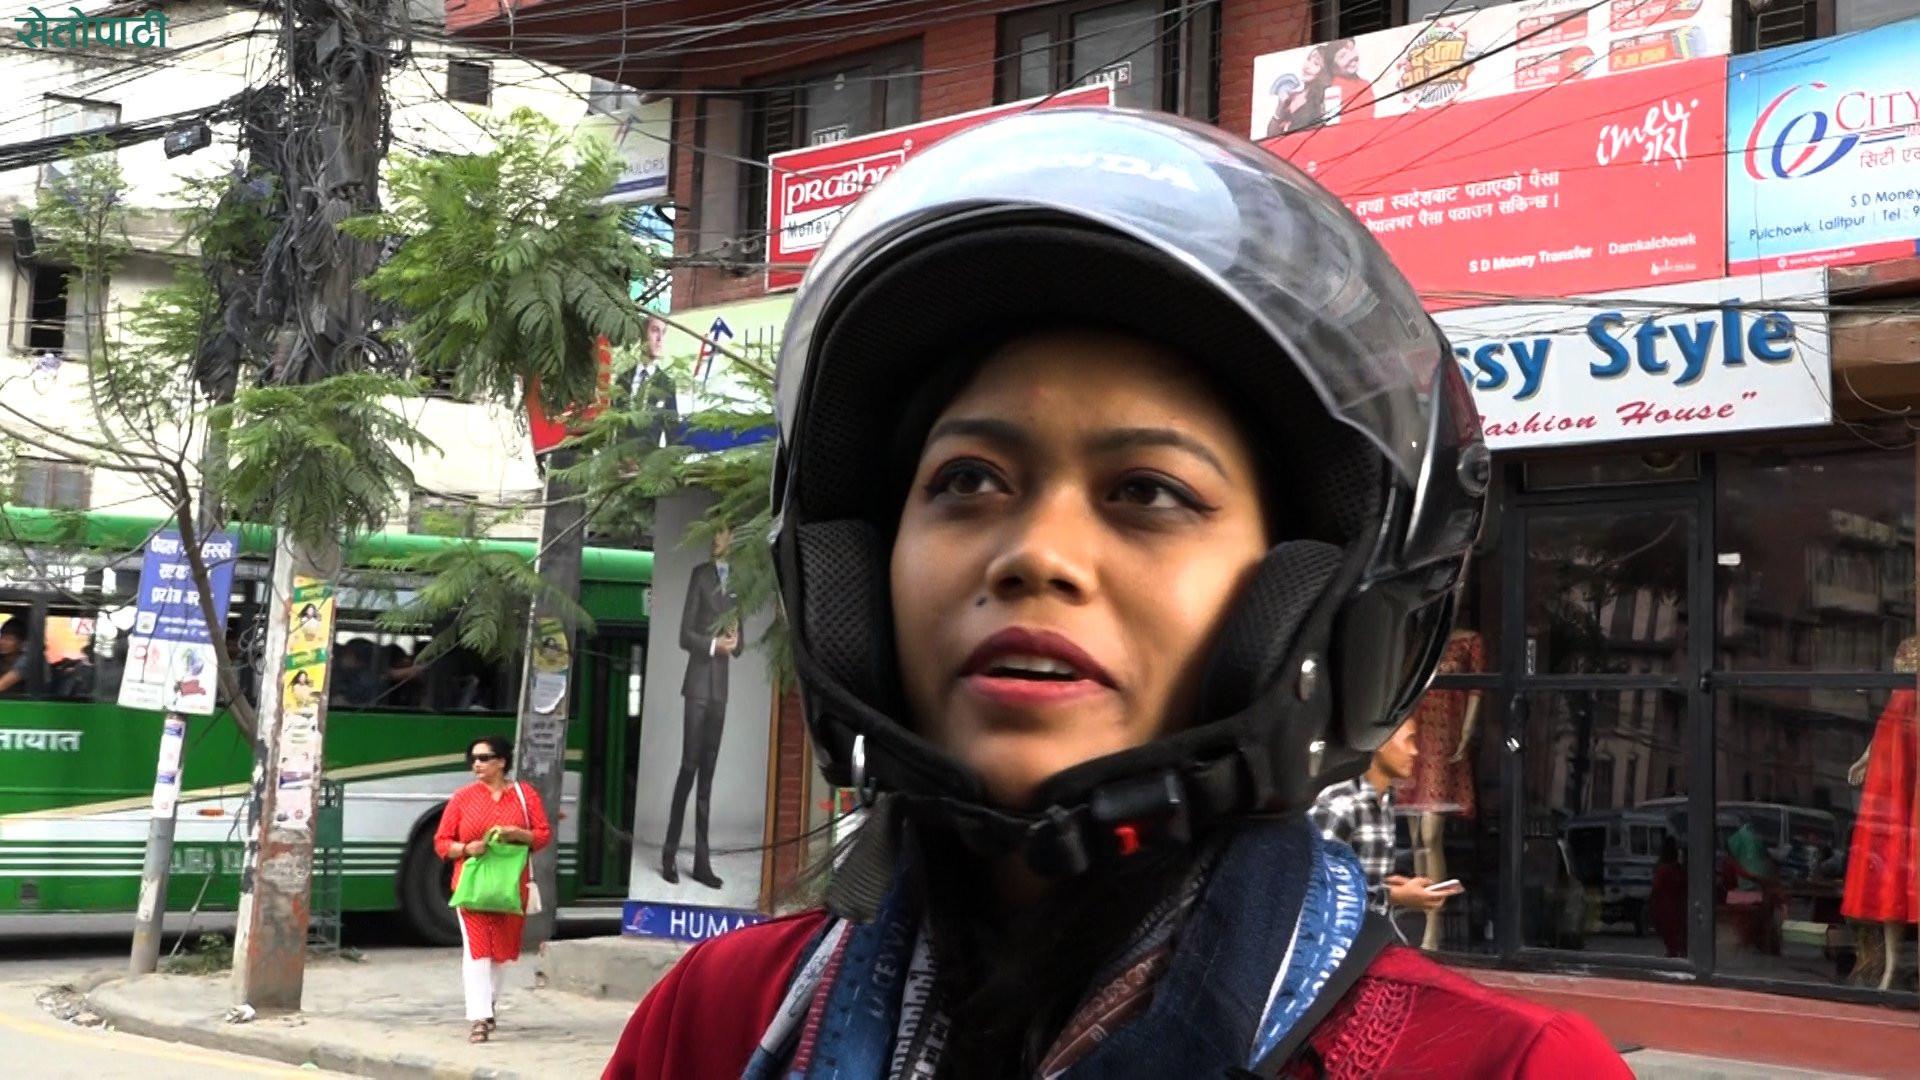 मोटरसाइकलको पछाडि बस्नेले हेल्मेट लगाउनै पर्ने नियमबारे के भन्छन् चालक?